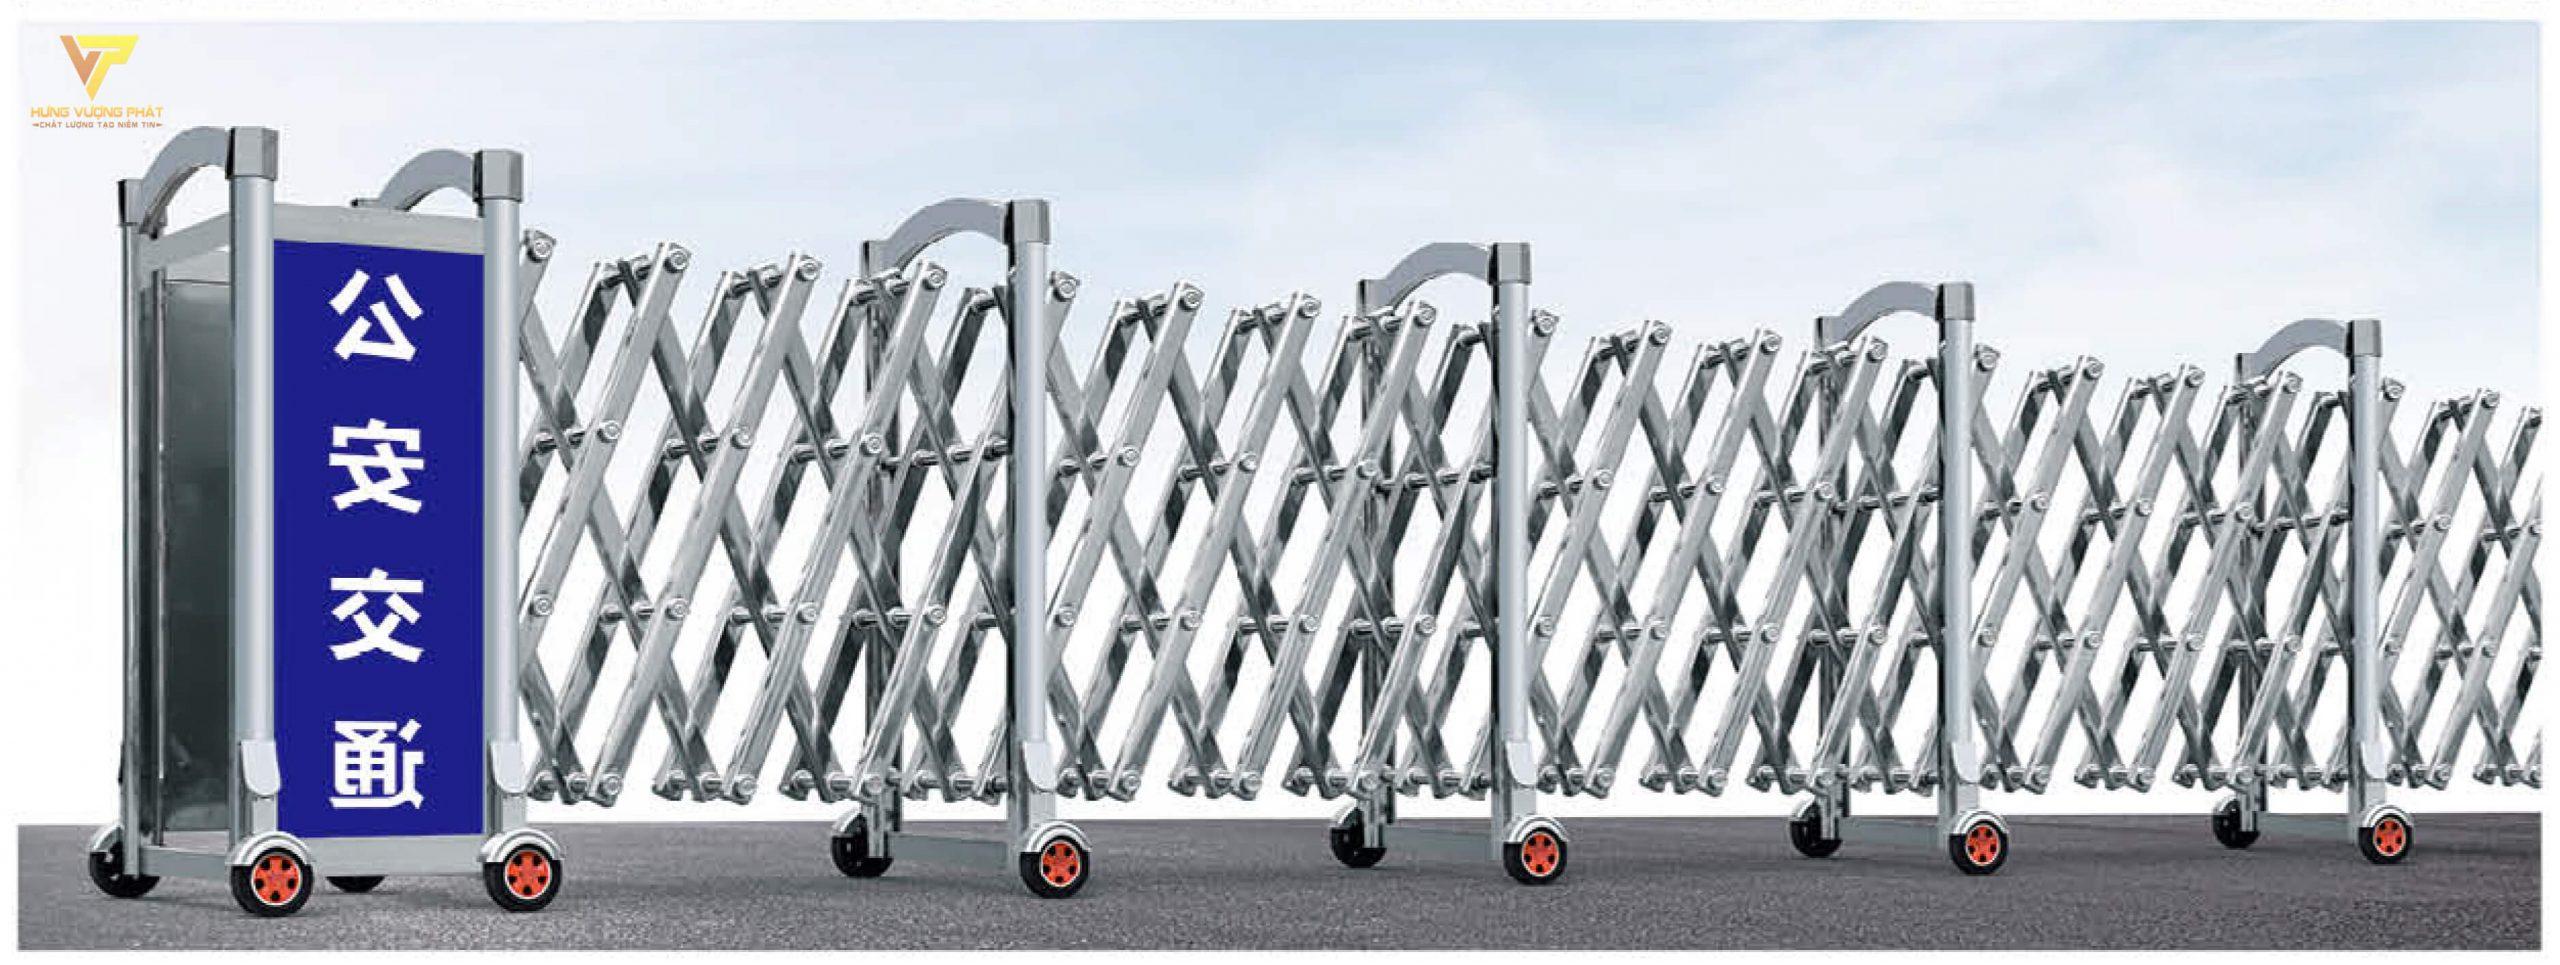 Cổng xếp inox chạy điện tự động HI 68